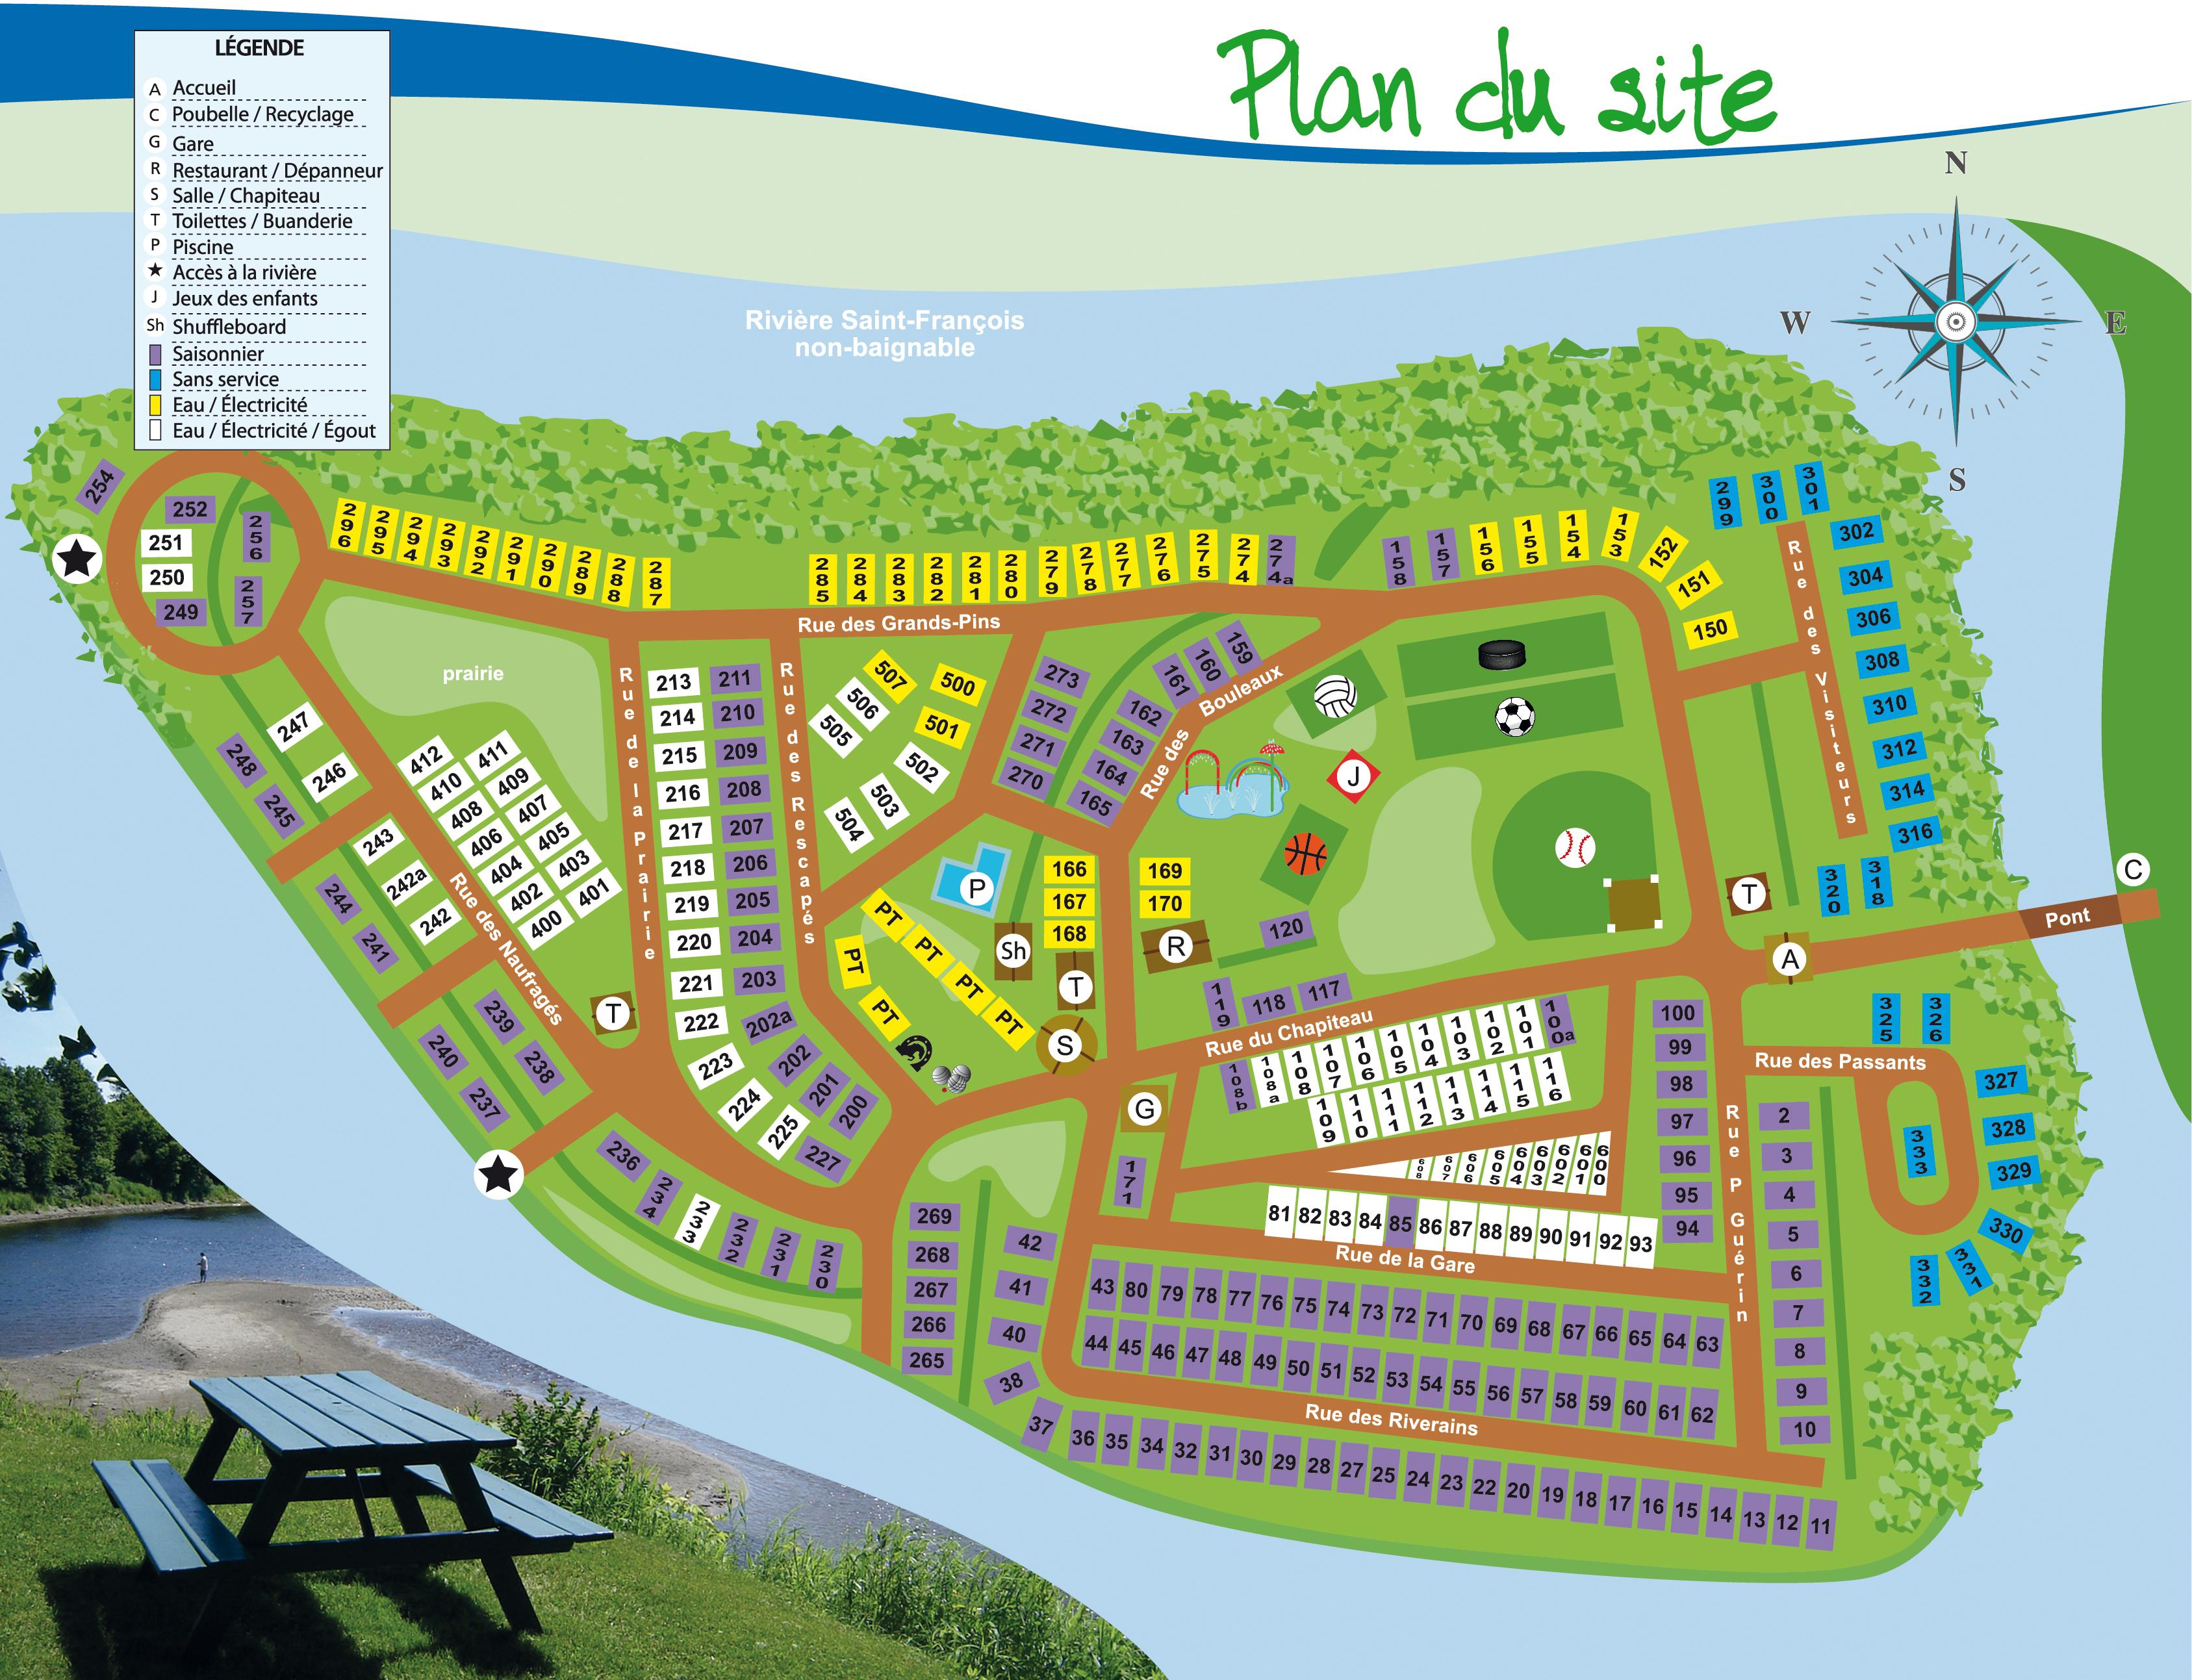 Camping Île-marie - Plan du site